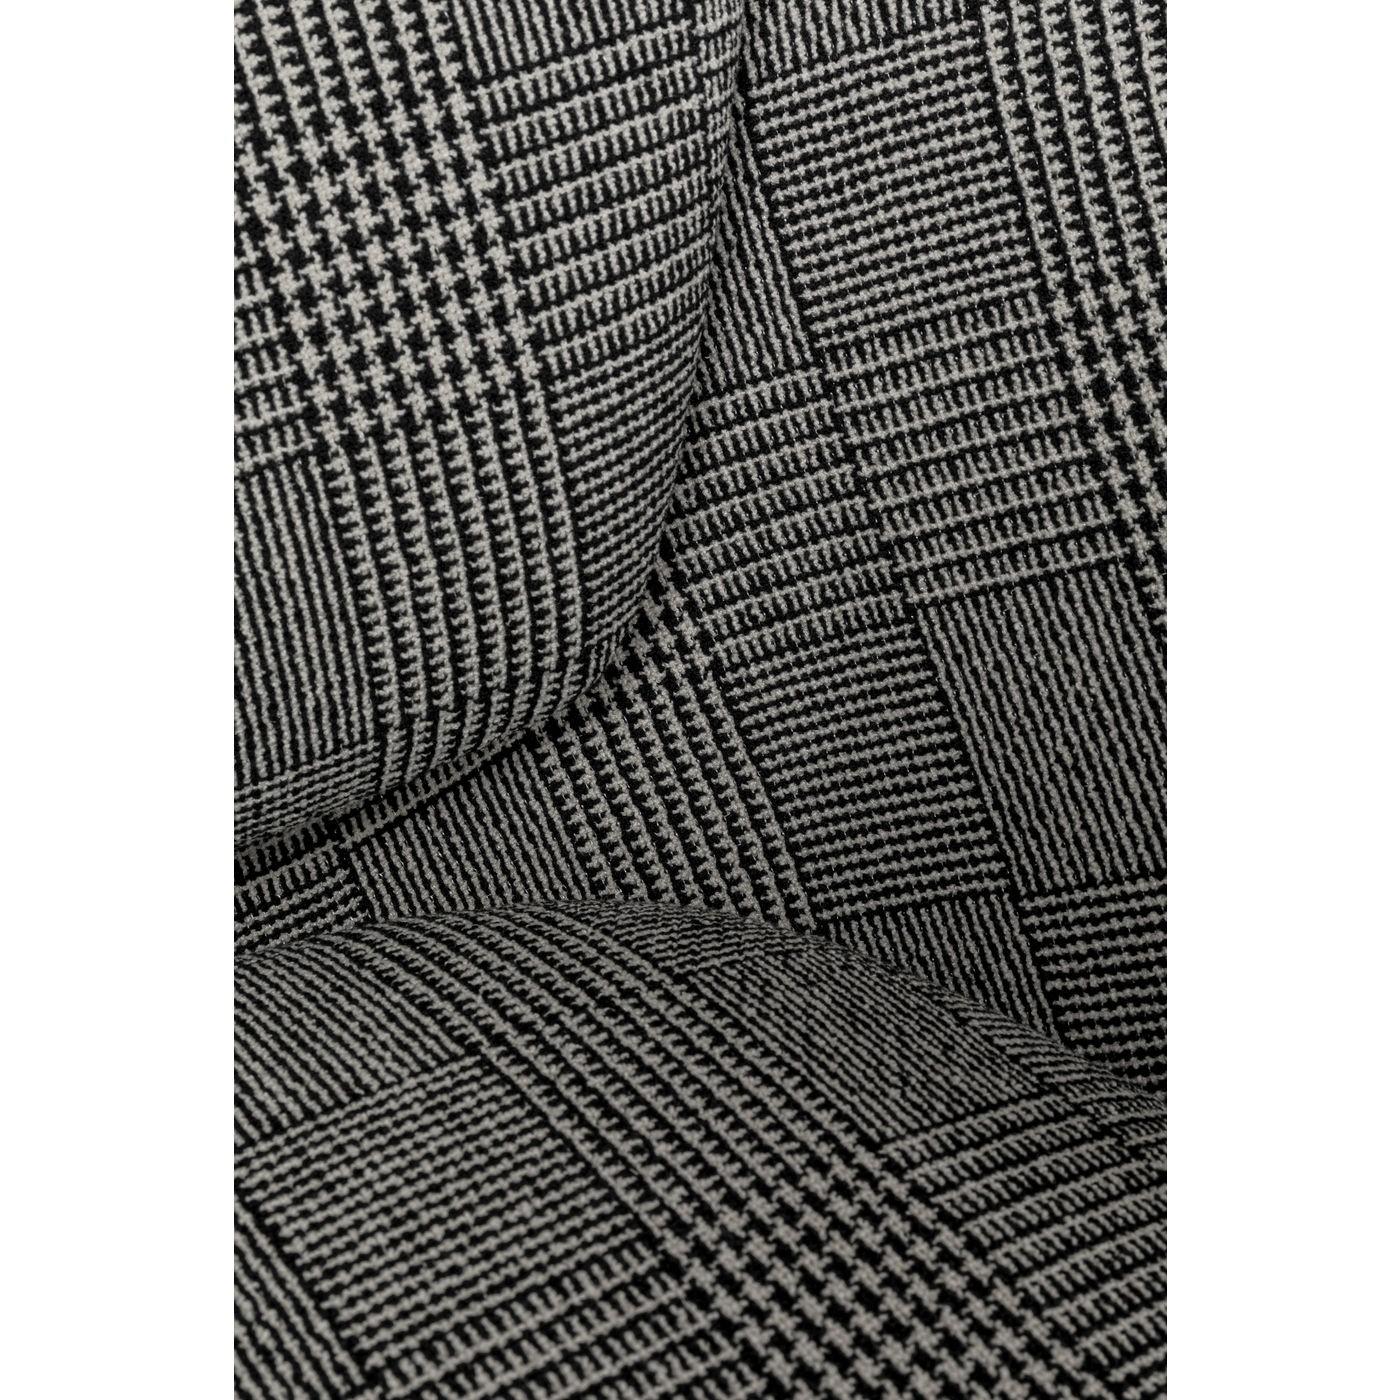 Fauteuil Arena noir et blanc Kare Design